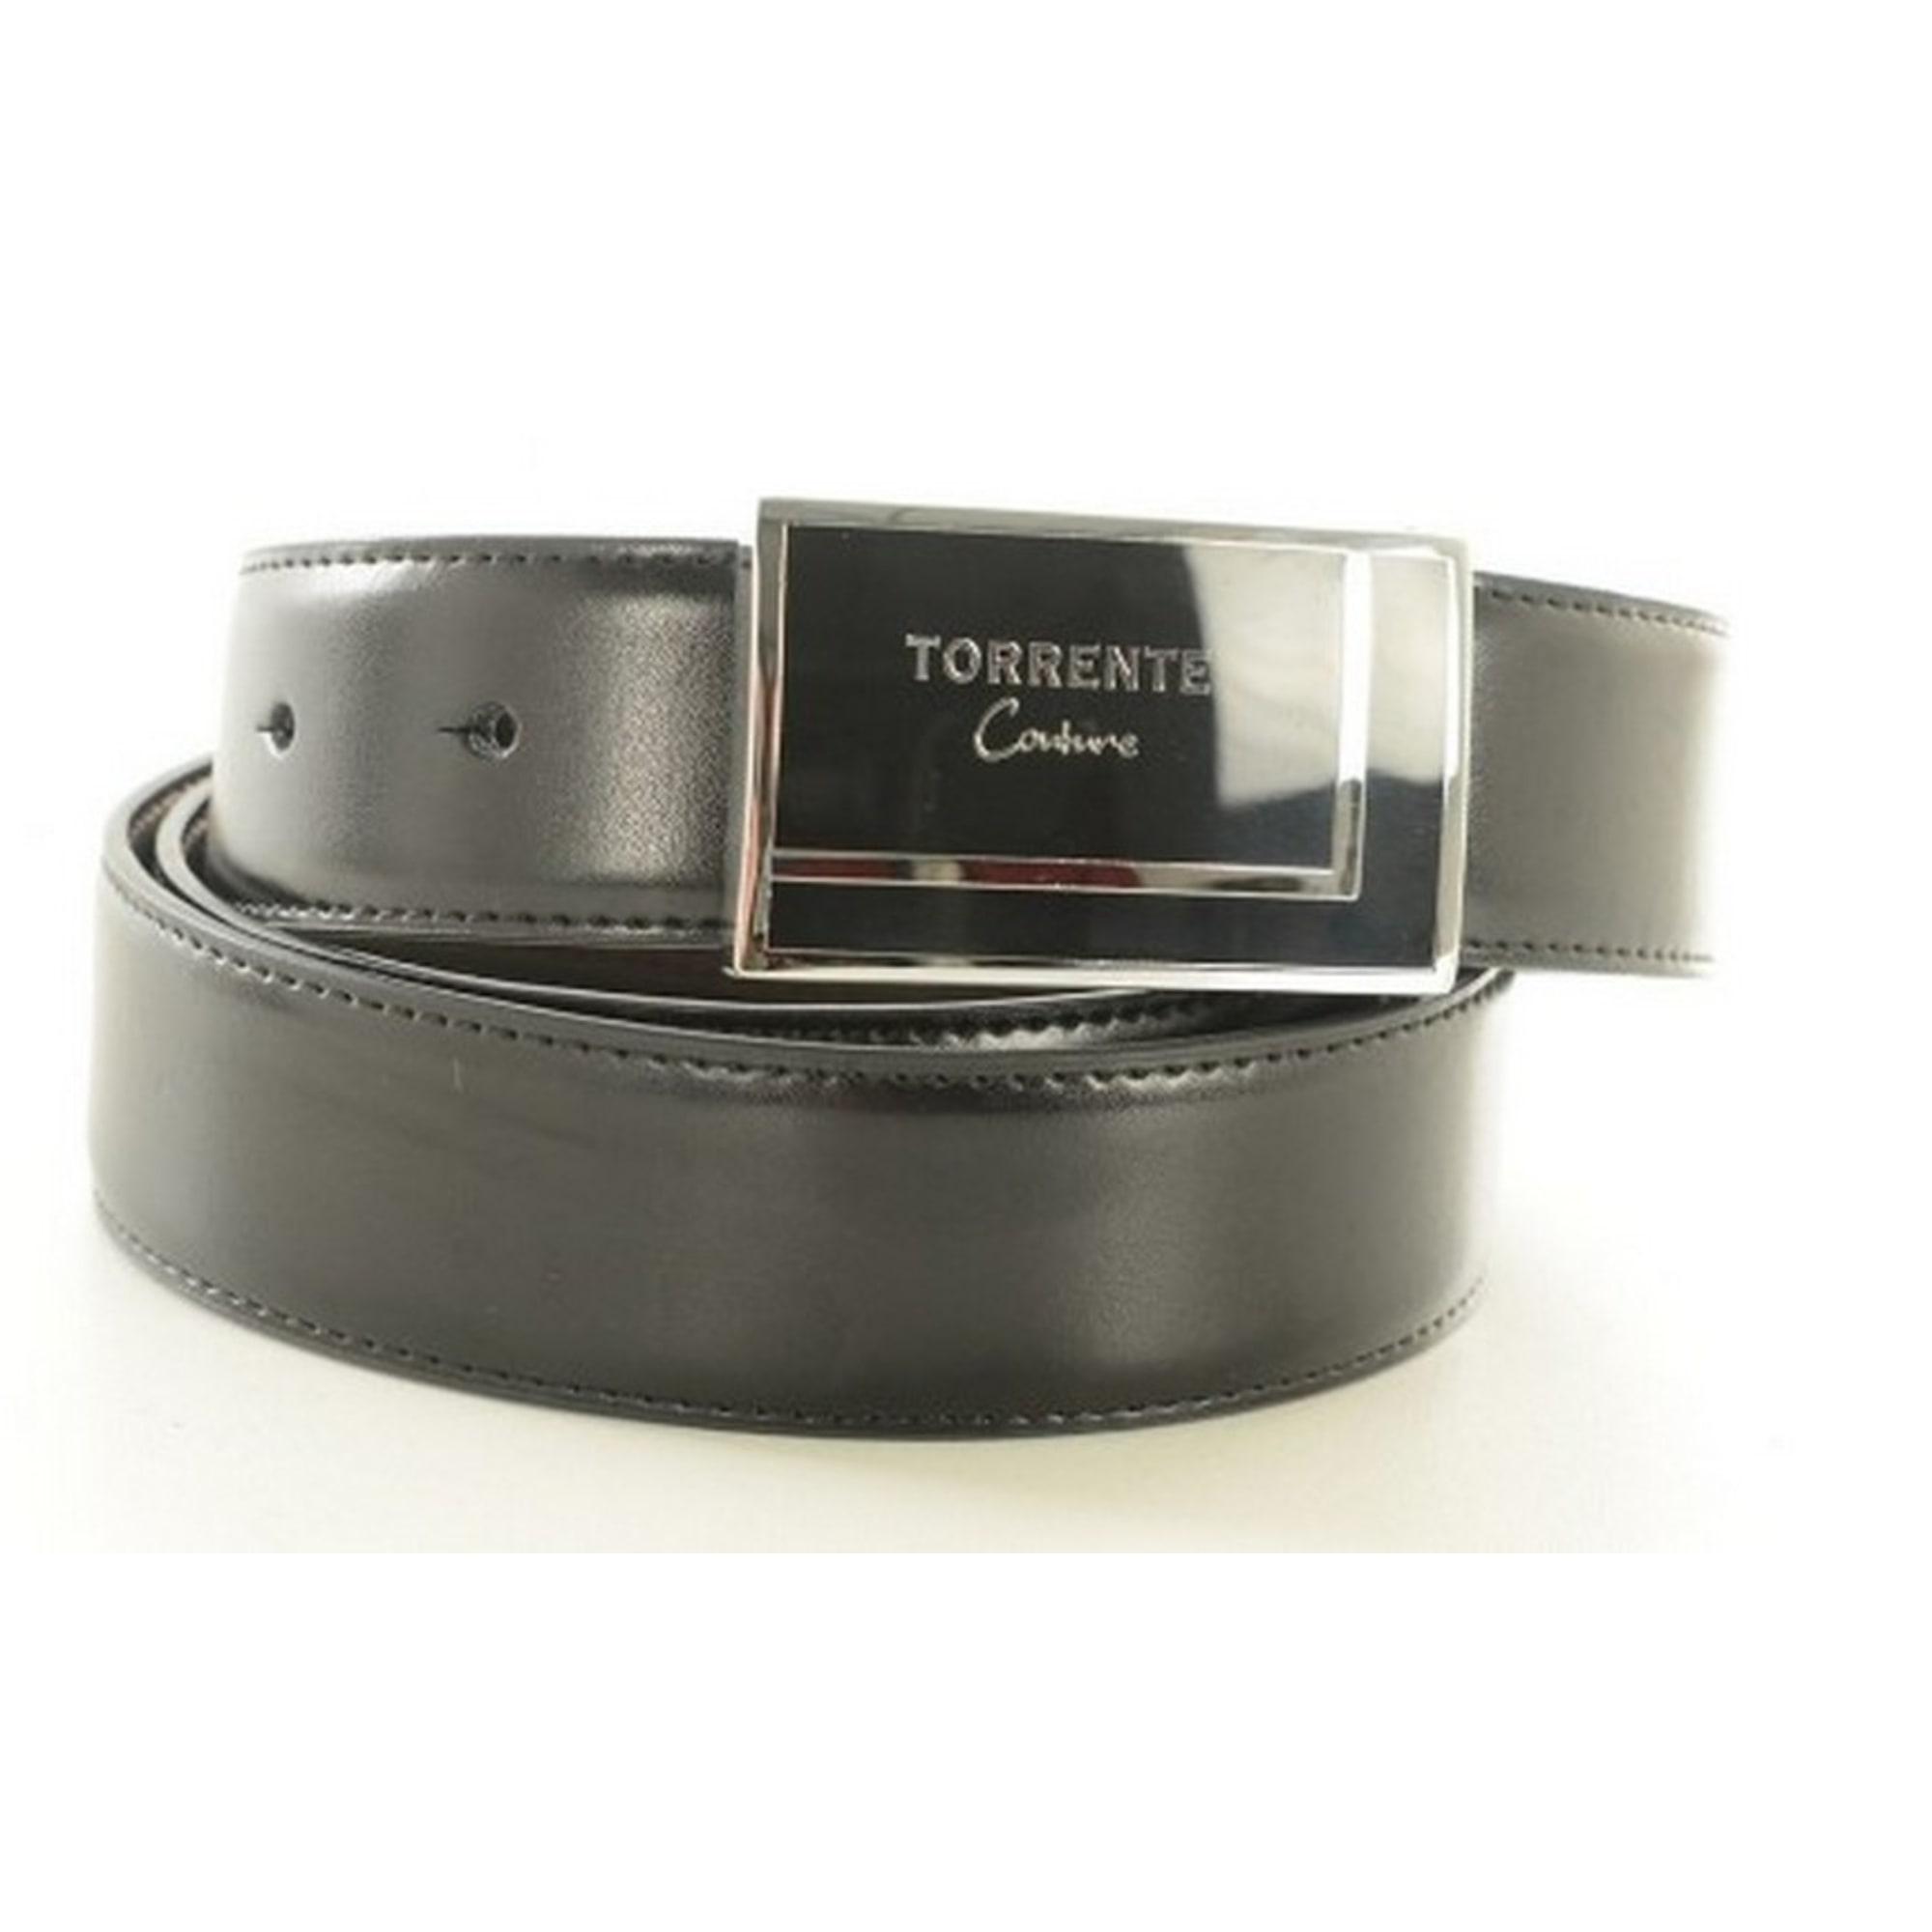 8d42fe1fb305 Ceinture TORRENTE Taille unique noir - 6681420